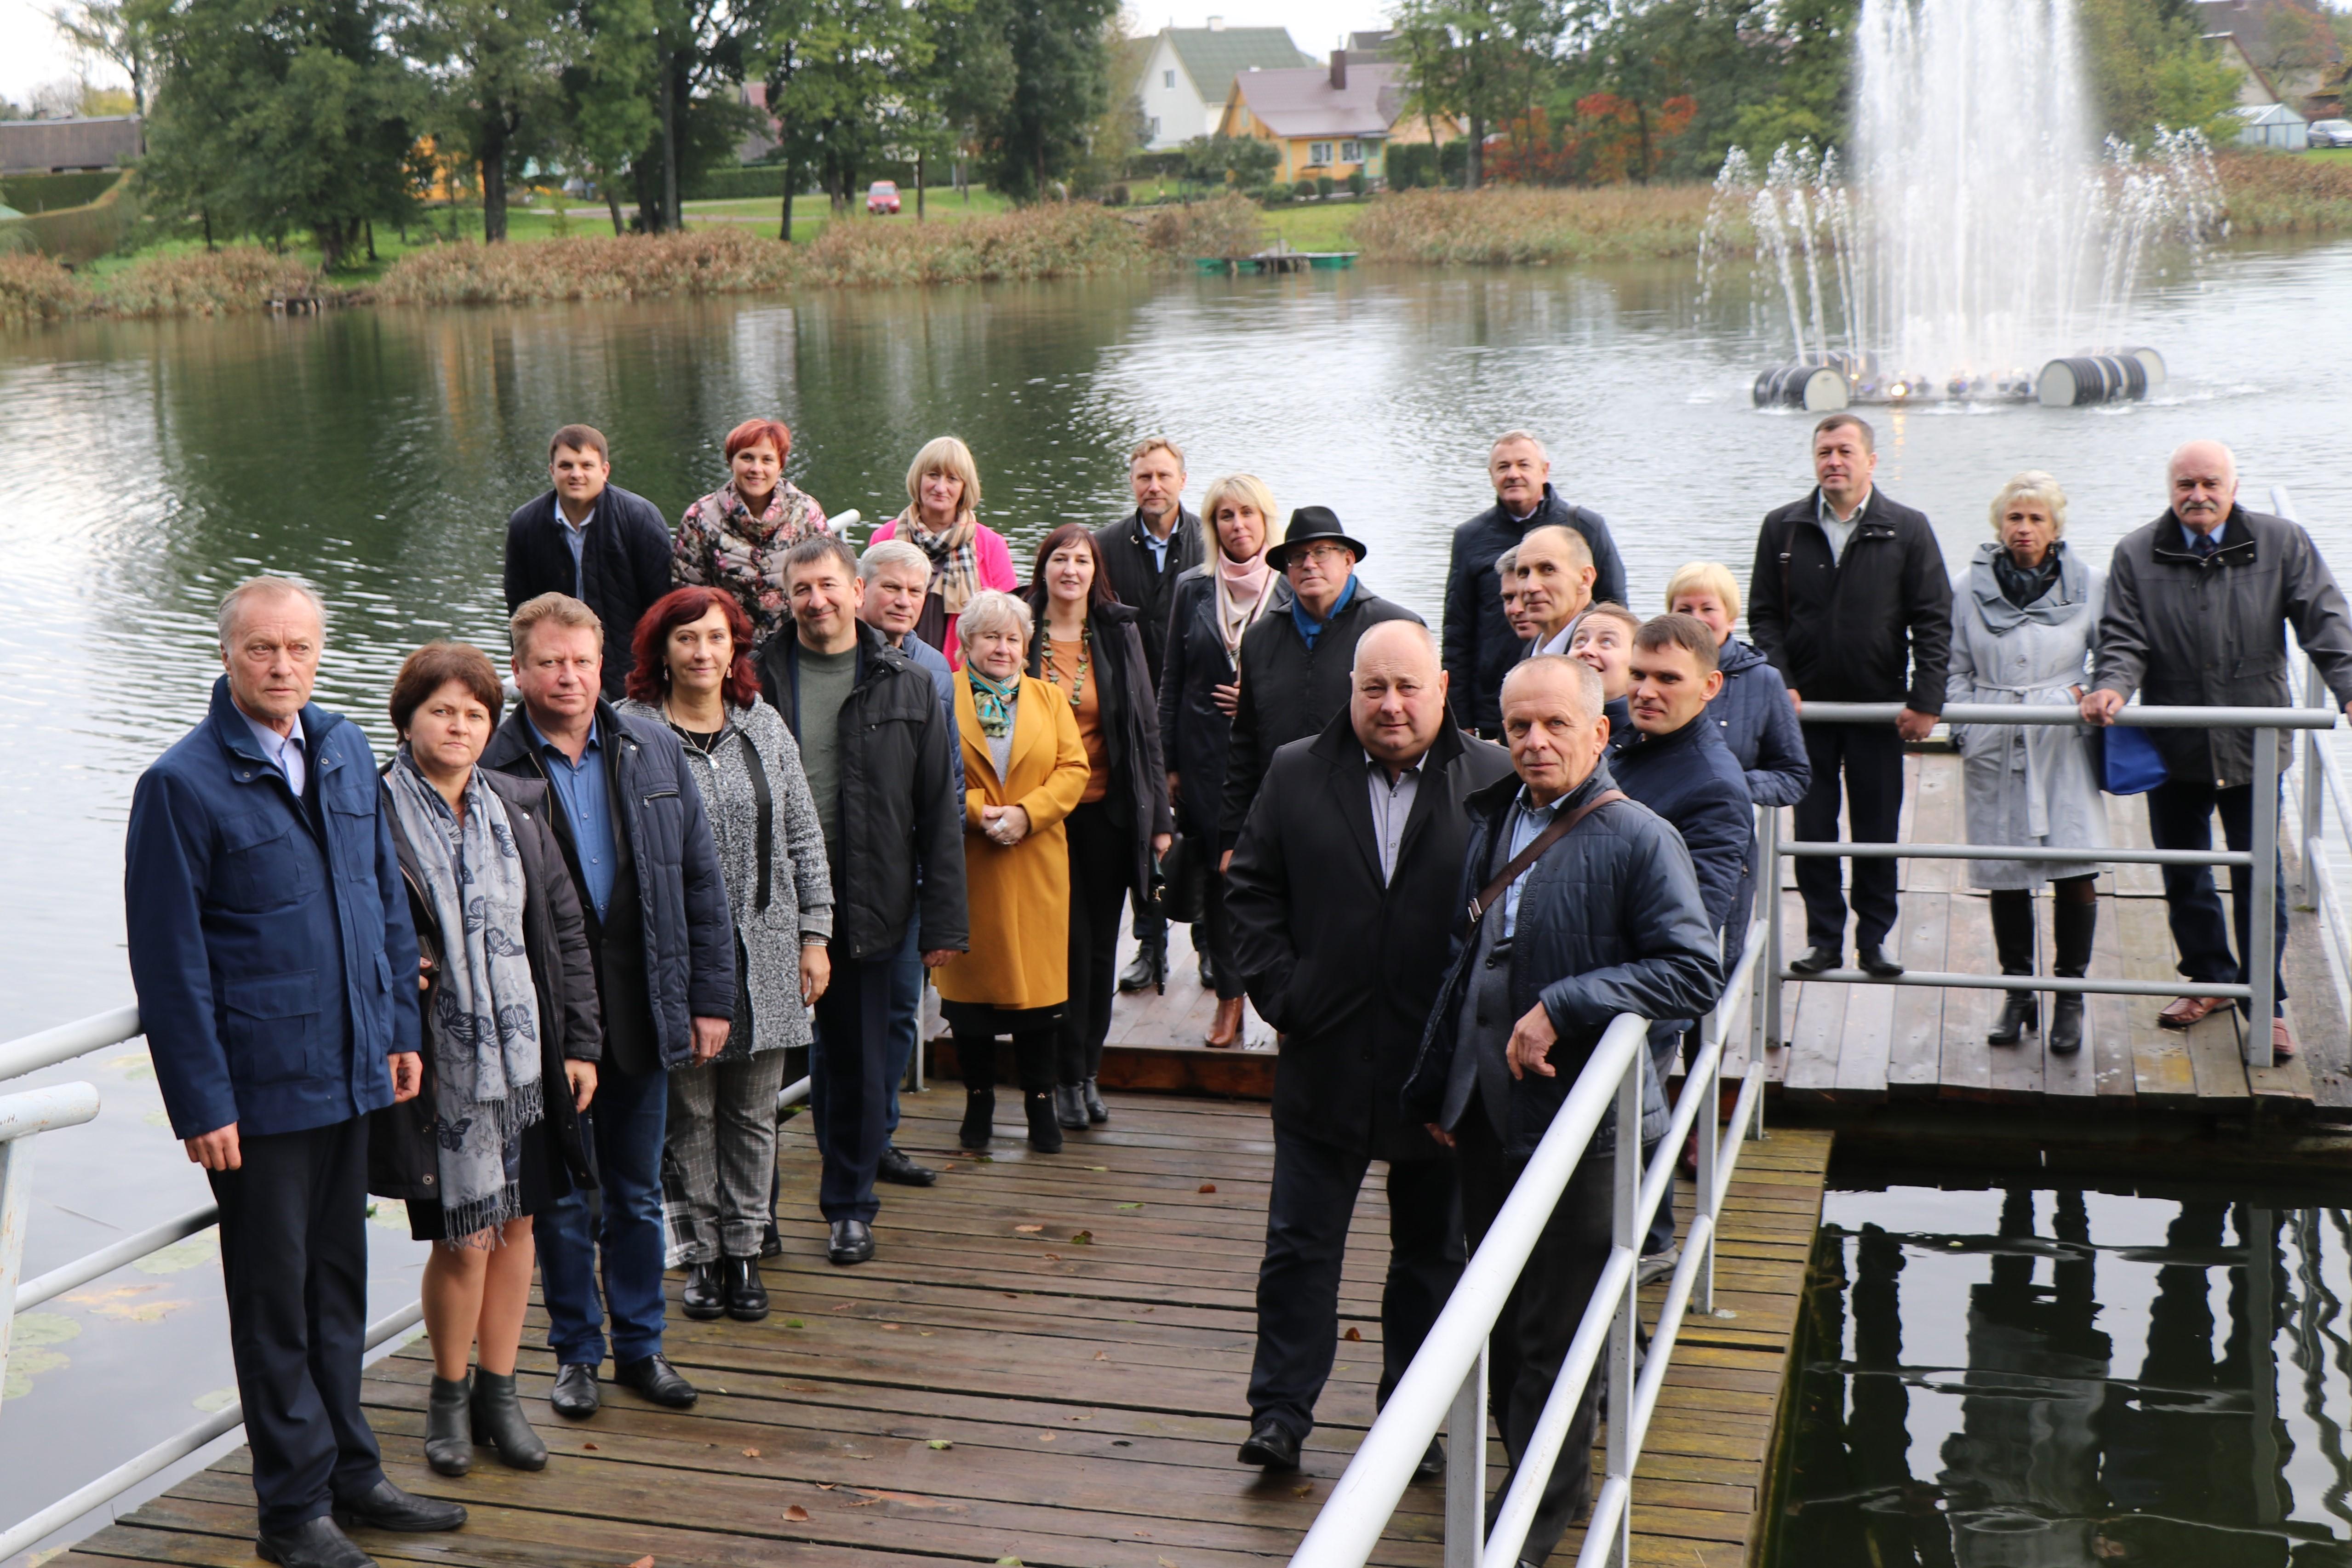 Alytaus apskrities savivaldybių seniūnų sueiga